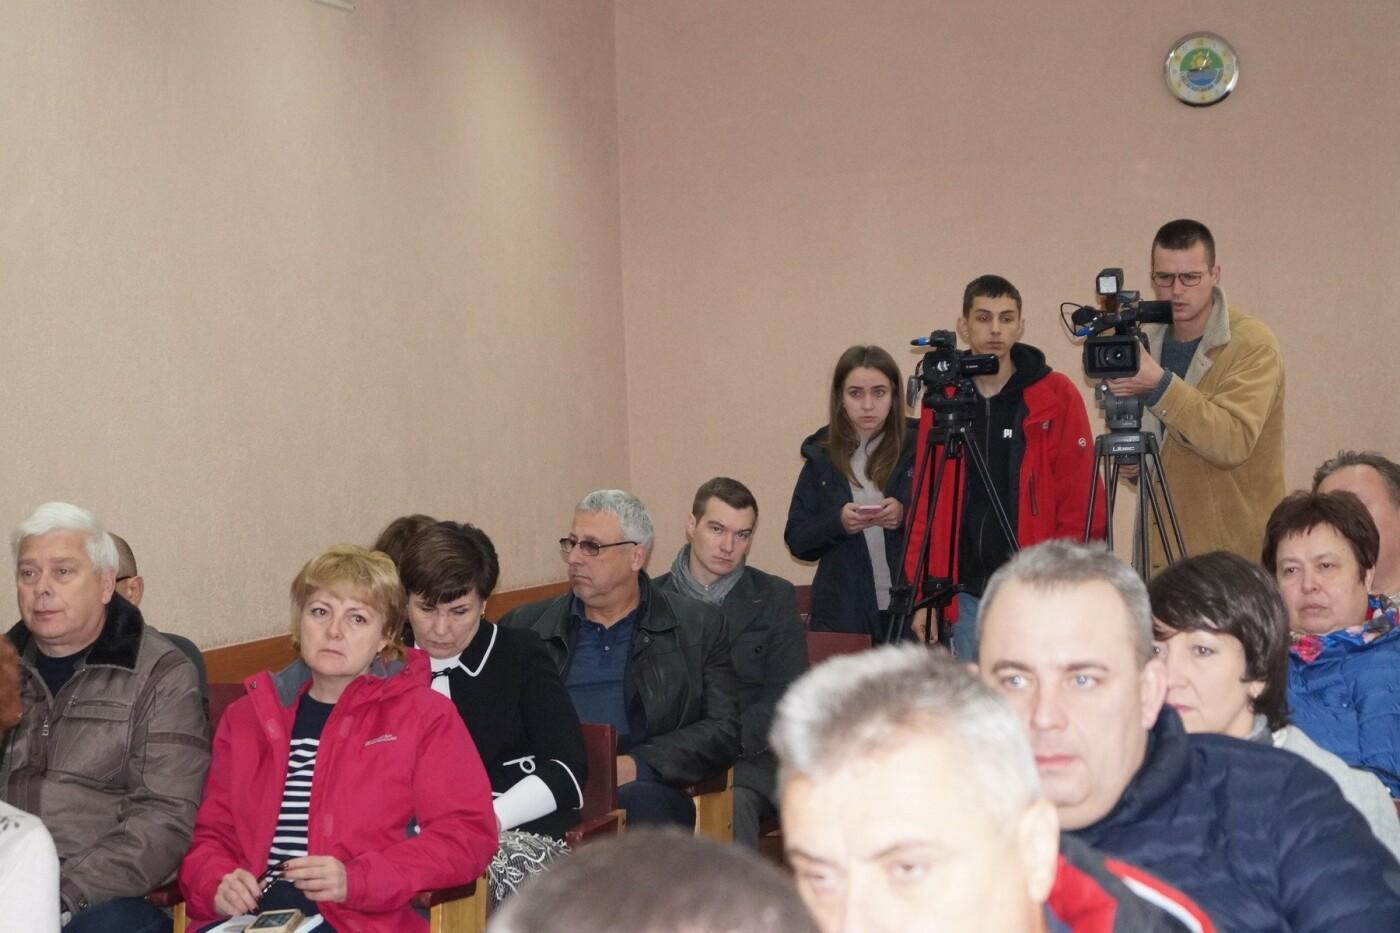 В Кривом Роге из-за отсутствия отопления провели экстренное заседании комиссии по чрезвычайным ситуациям, - ФОТО , фото-4